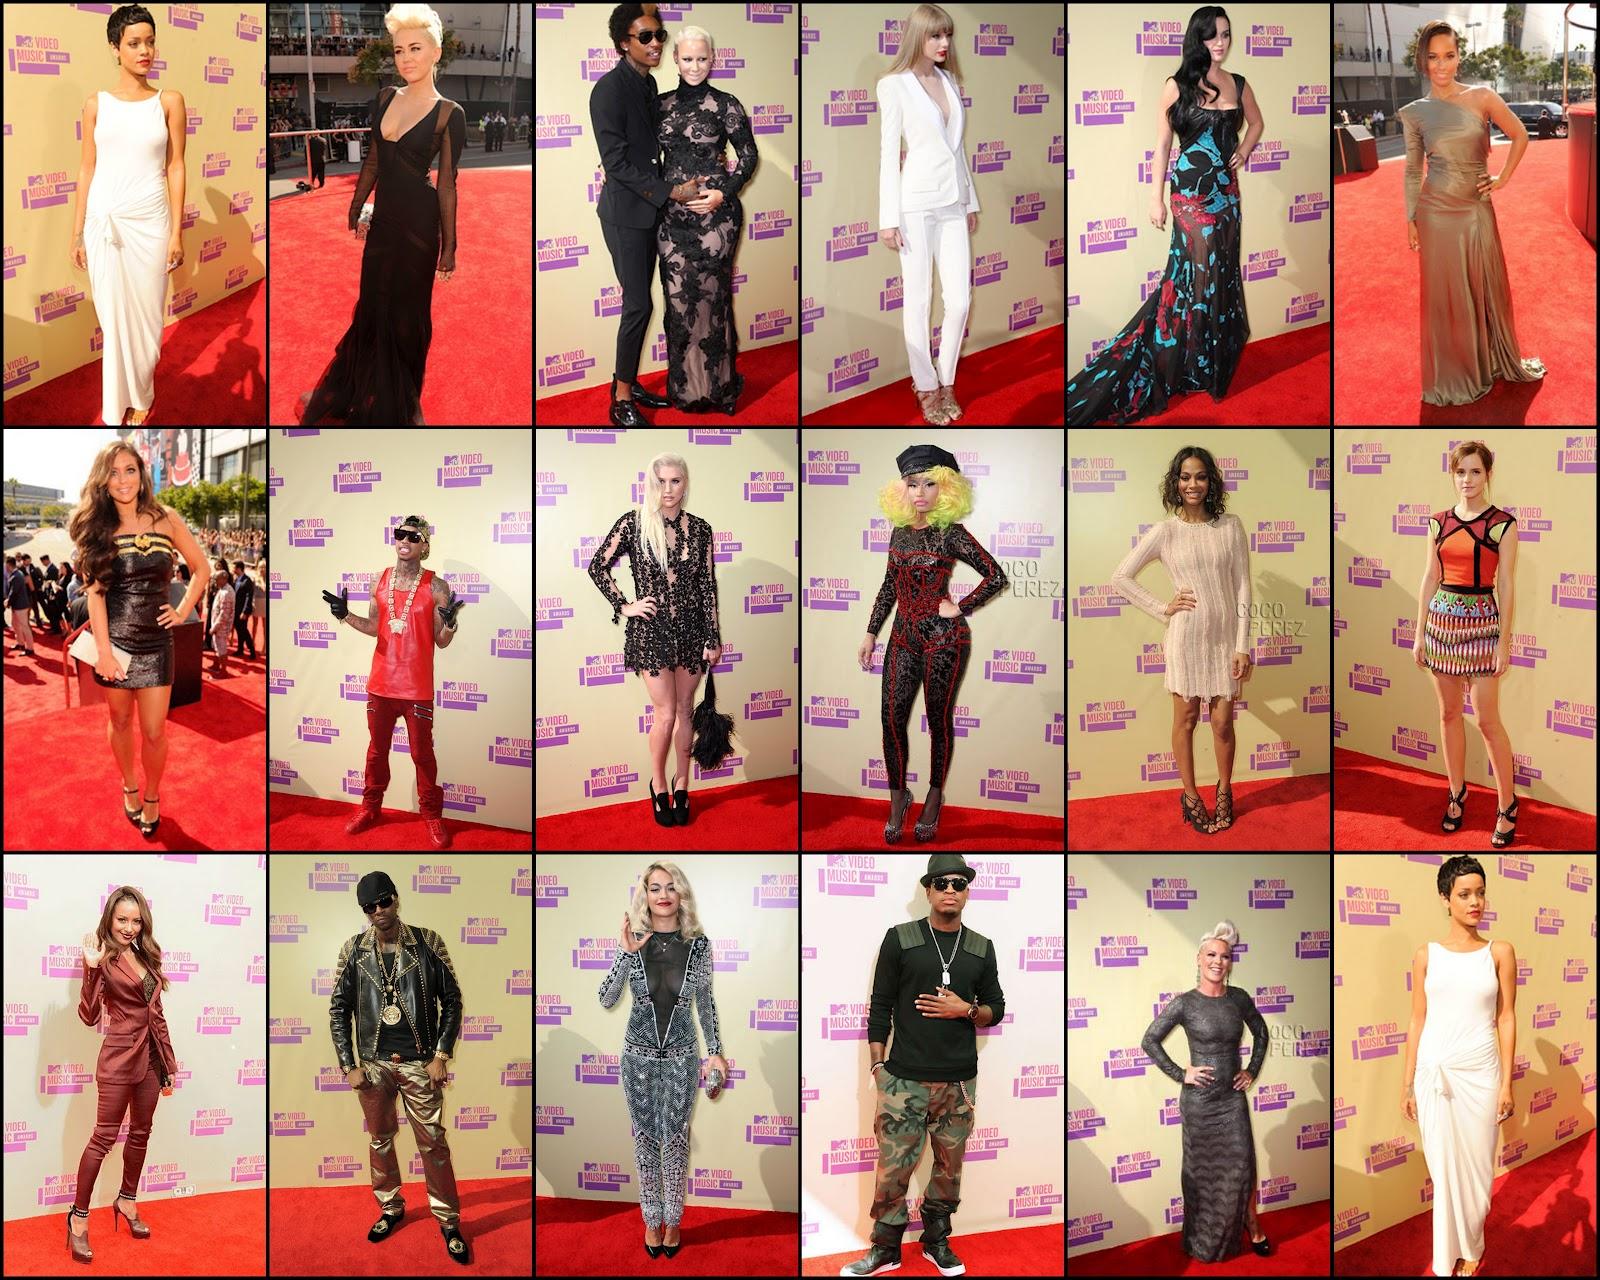 http://1.bp.blogspot.com/-oQgMYTCWDLM/UEluY76_QSI/AAAAAAAAEjA/tFT6nHiZwFg/s1600/vma+fashion.jpg